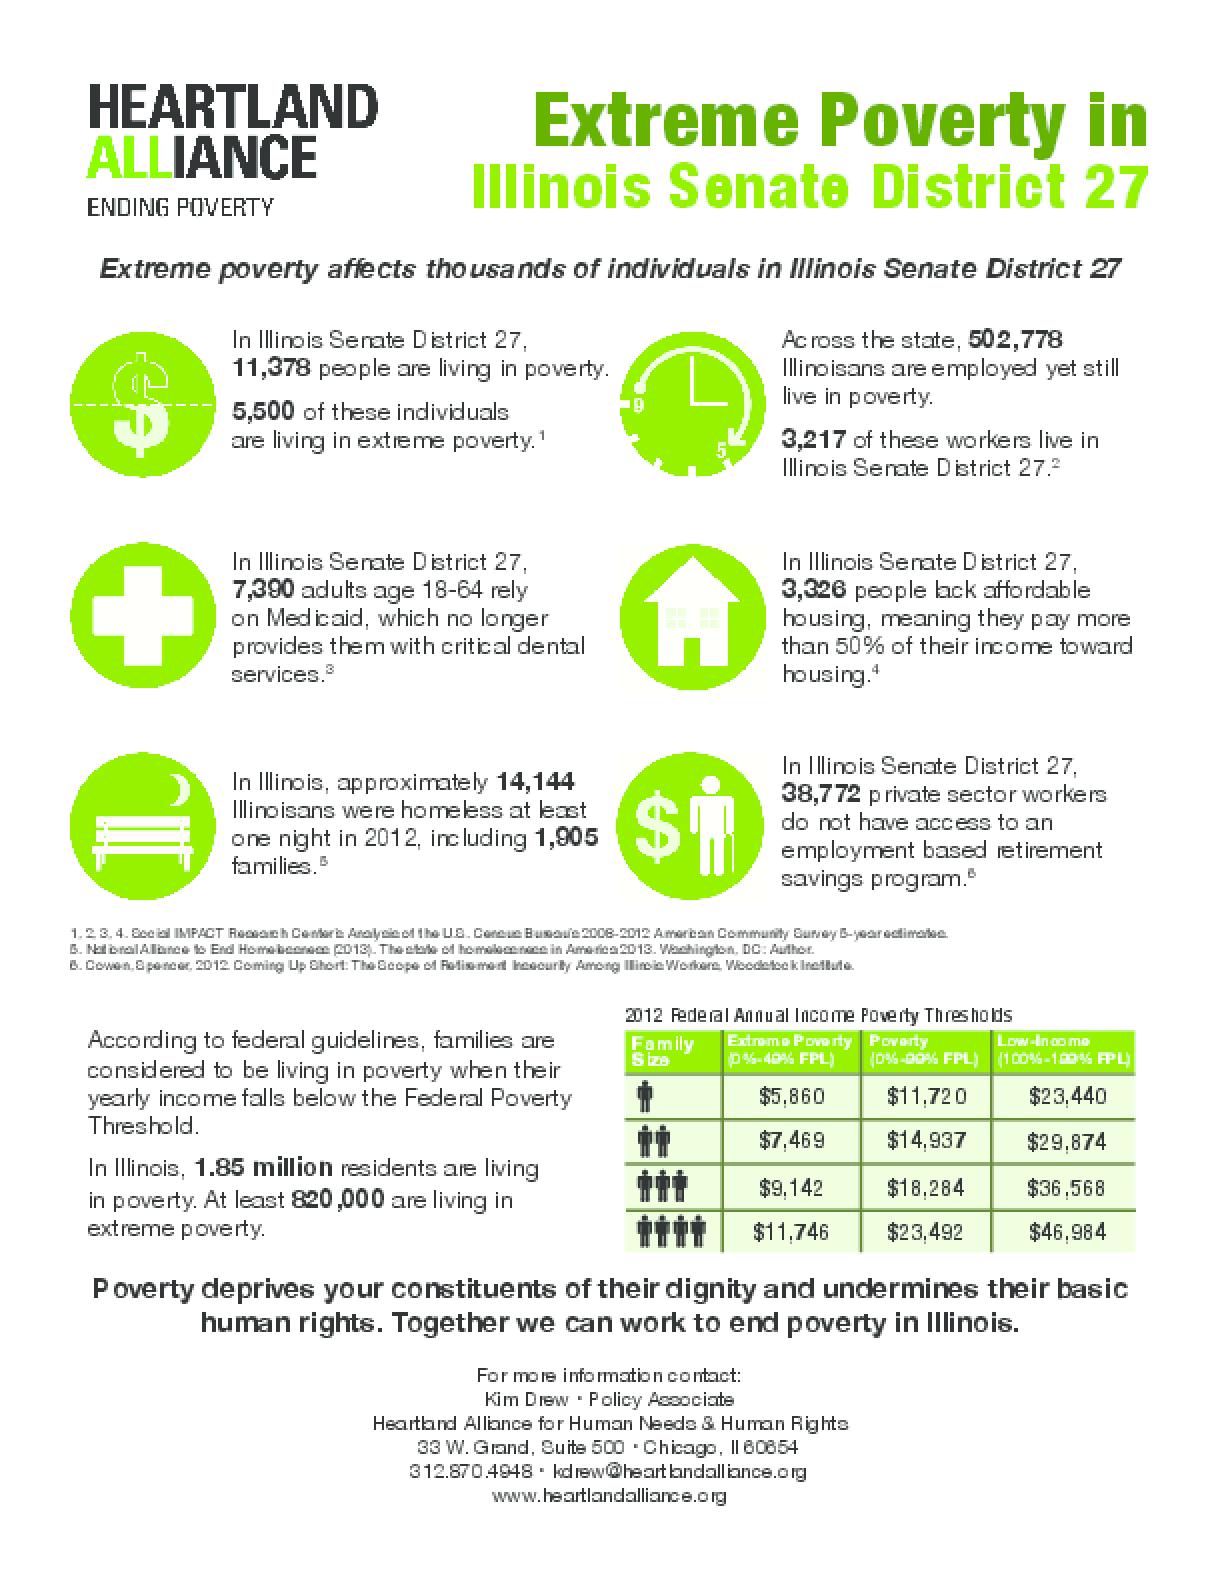 Poverty Fact Sheet for Illinois Senate District 27